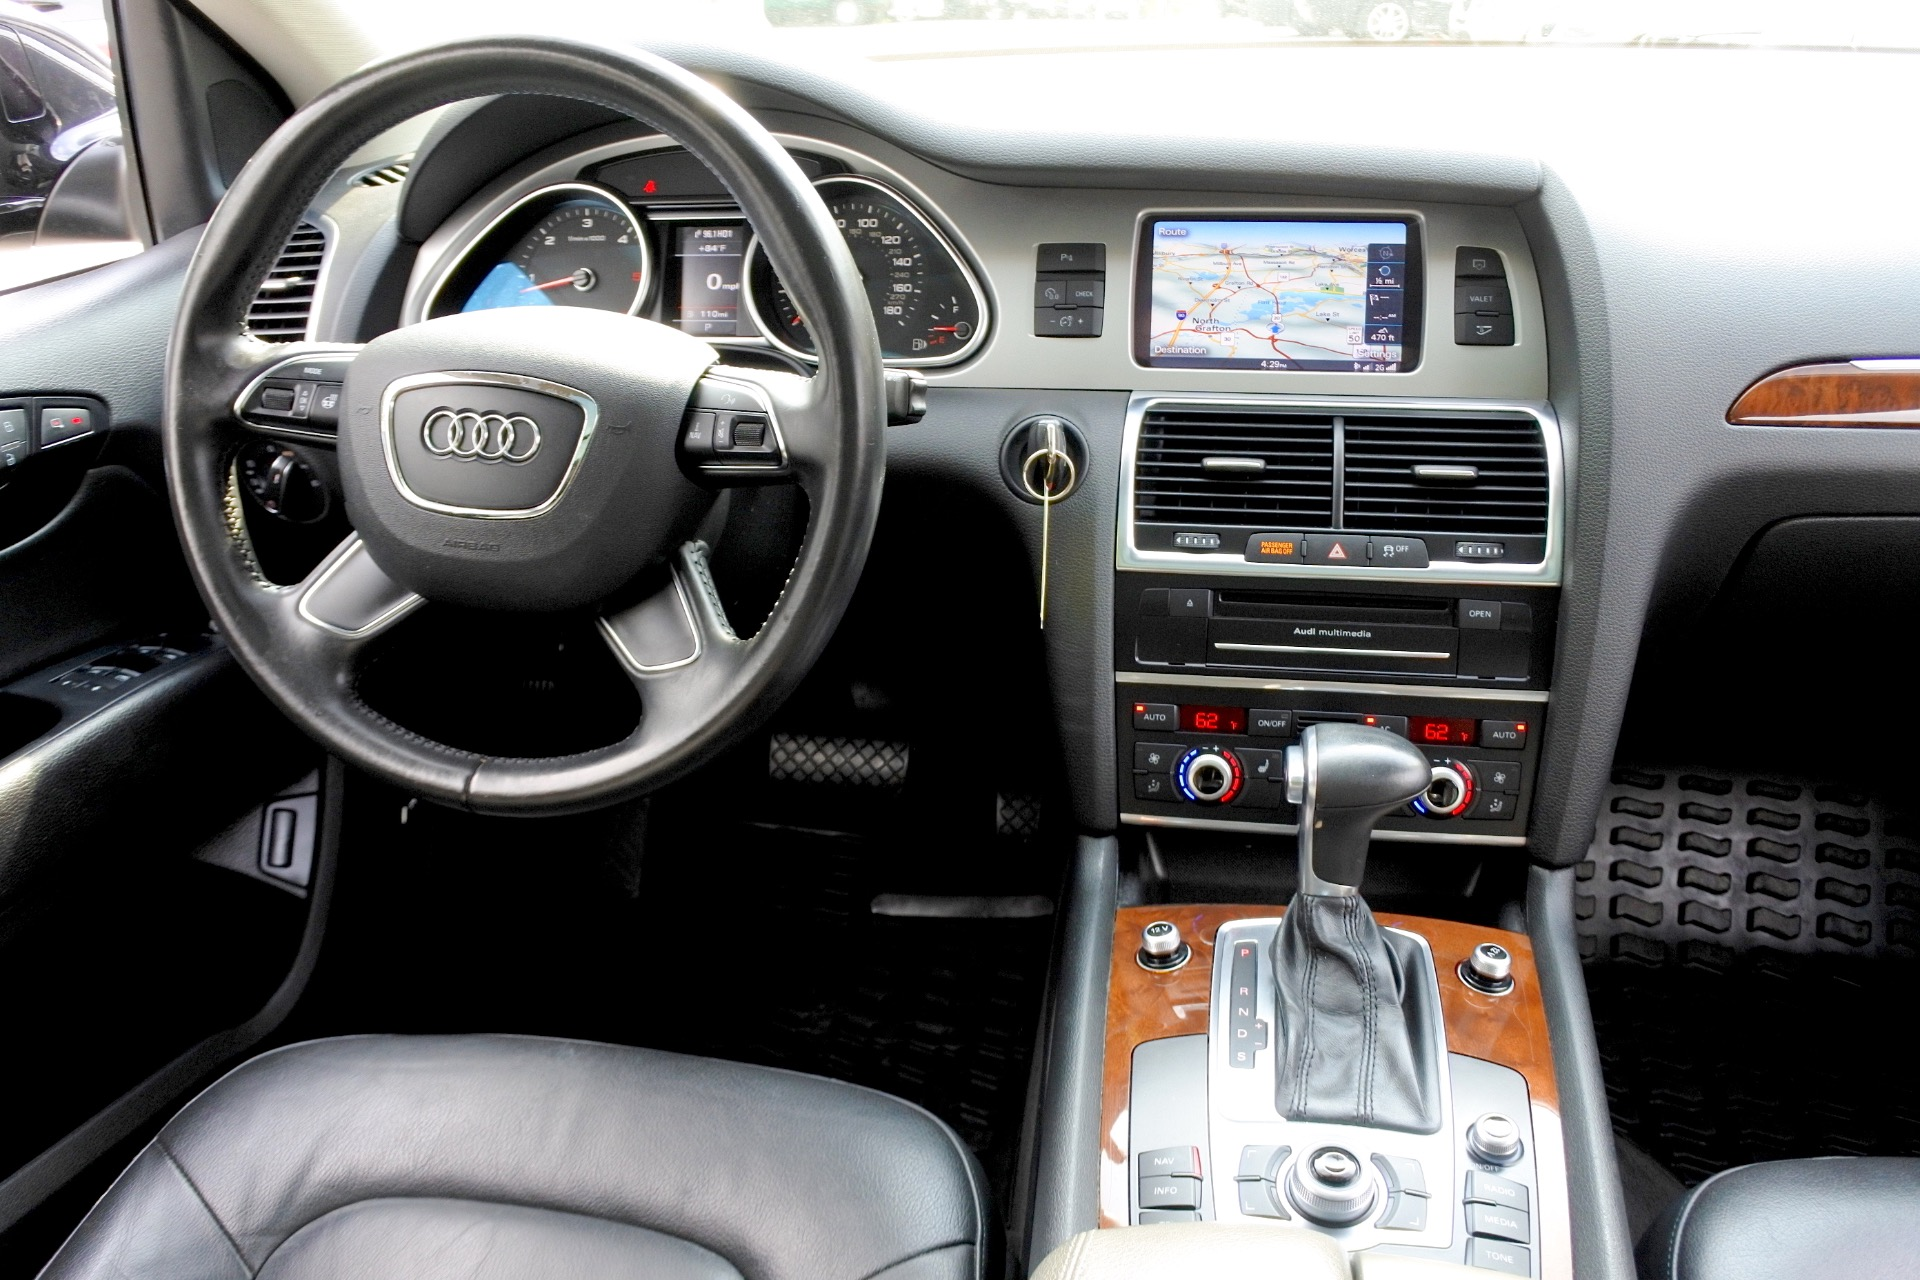 Used 2013 Audi Q7 TDI Premium Plus Used 2013 Audi Q7 TDI Premium Plus for sale  at Metro West Motorcars LLC in Shrewsbury MA 10